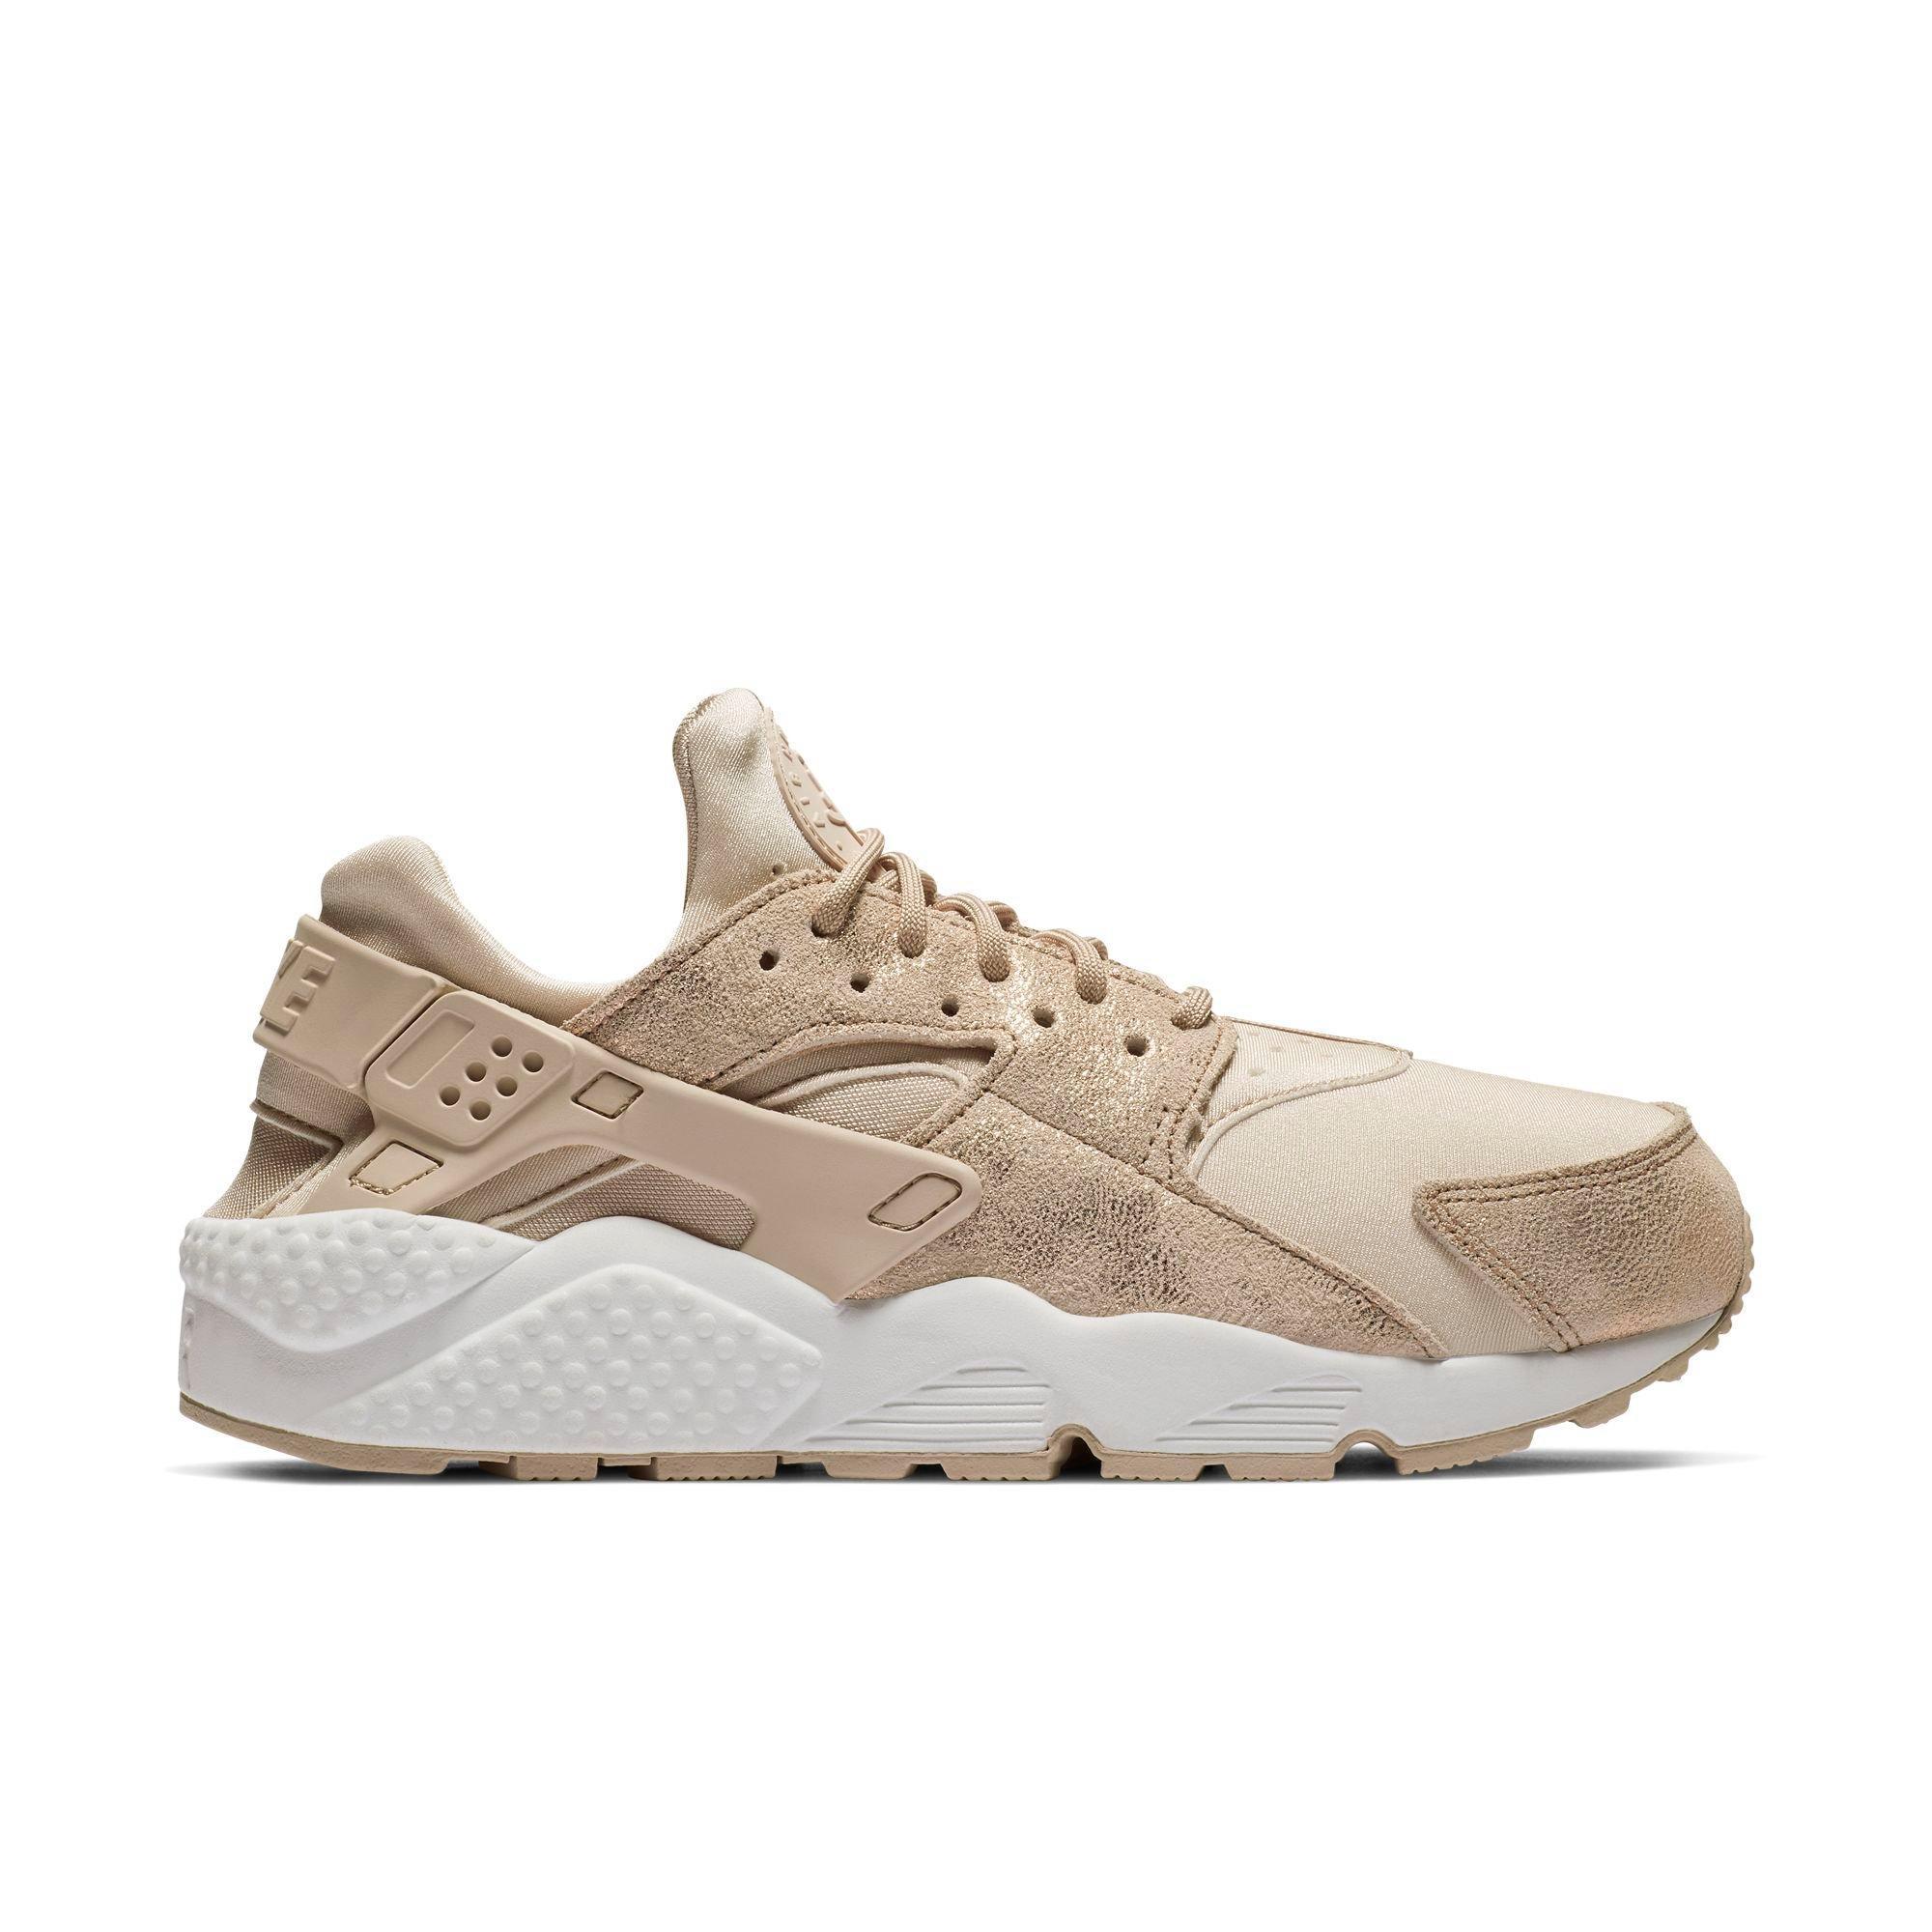 Nike Air Huarache Run SE W shoes beige